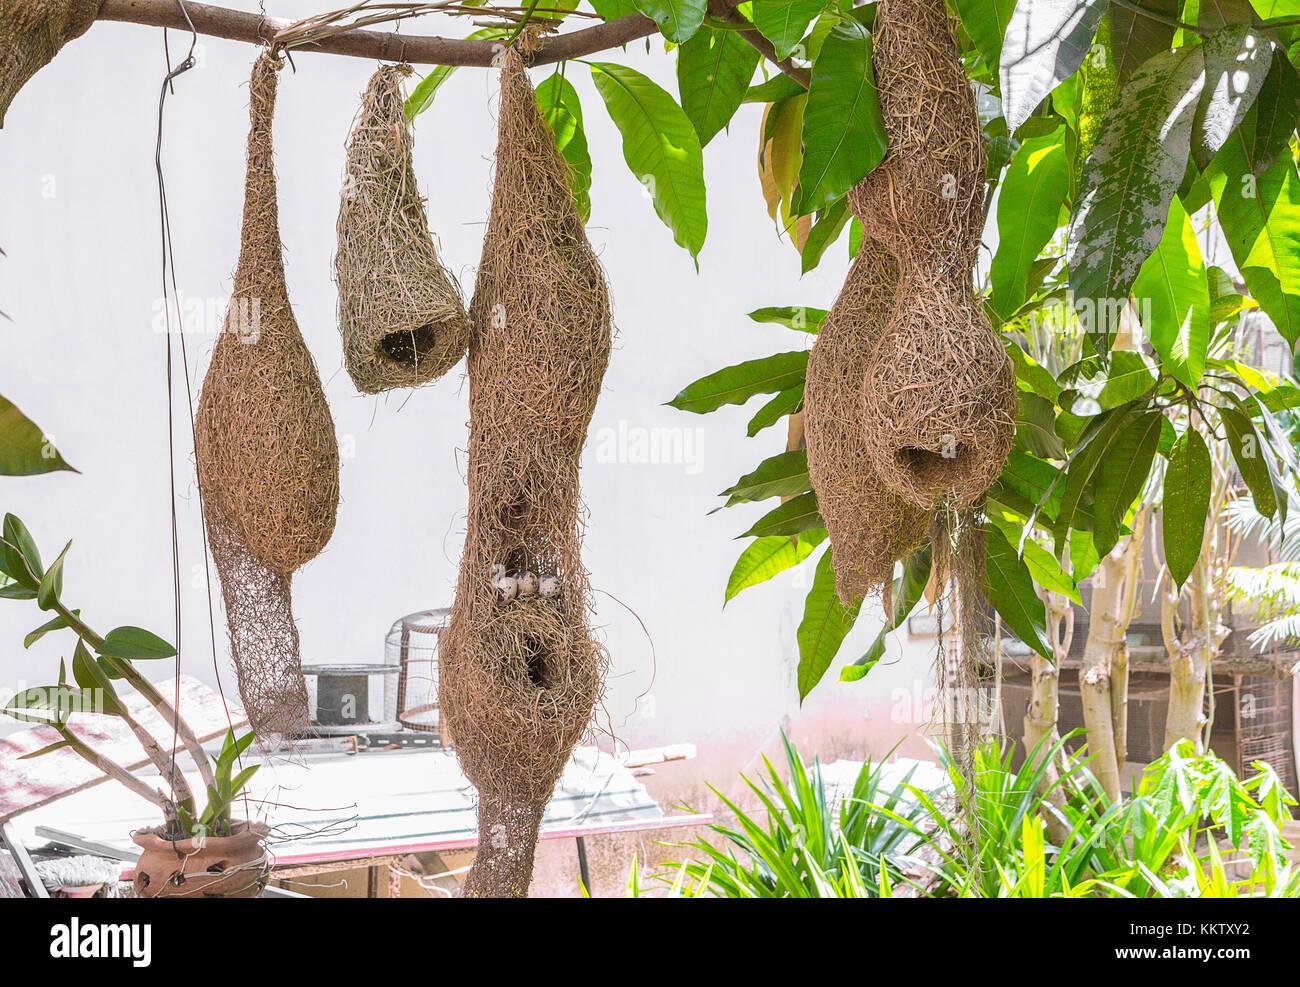 Skylark Nests And Bird Eggs Weaver Bird Nest Made Of Hay Skylark